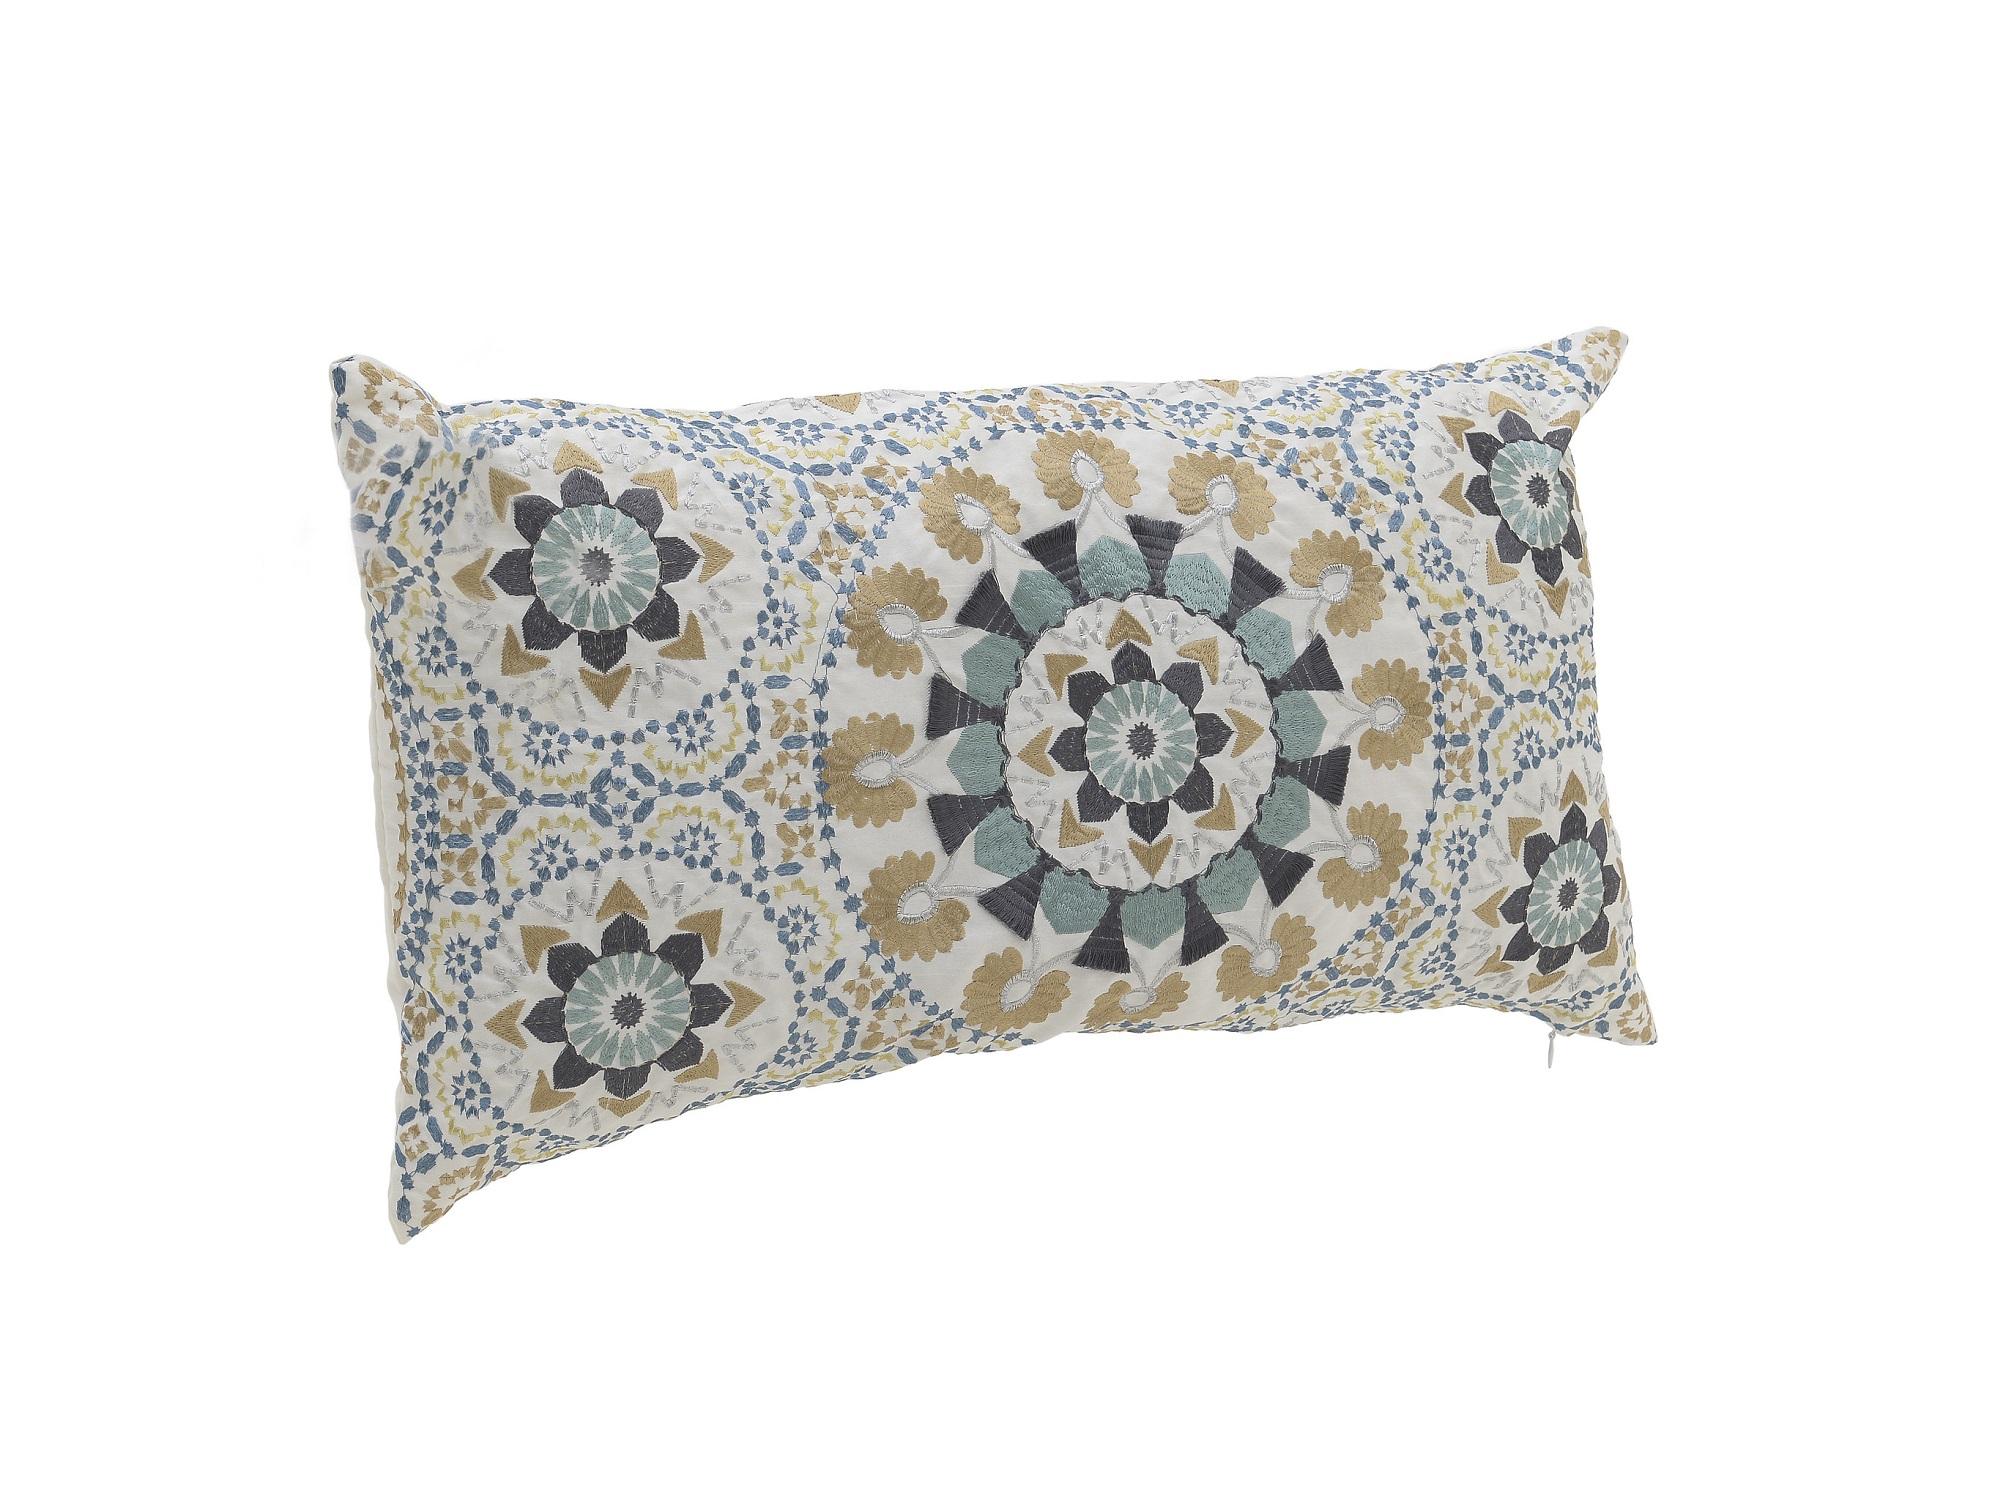 Подушка ThybaldПрямоугольные подушки и наволочки<br>Материал: хлопок, полиэстер<br><br>Material: Текстиль<br>Ширина см: 61.0<br>Высота см: 36.0<br>Глубина см: 9.0